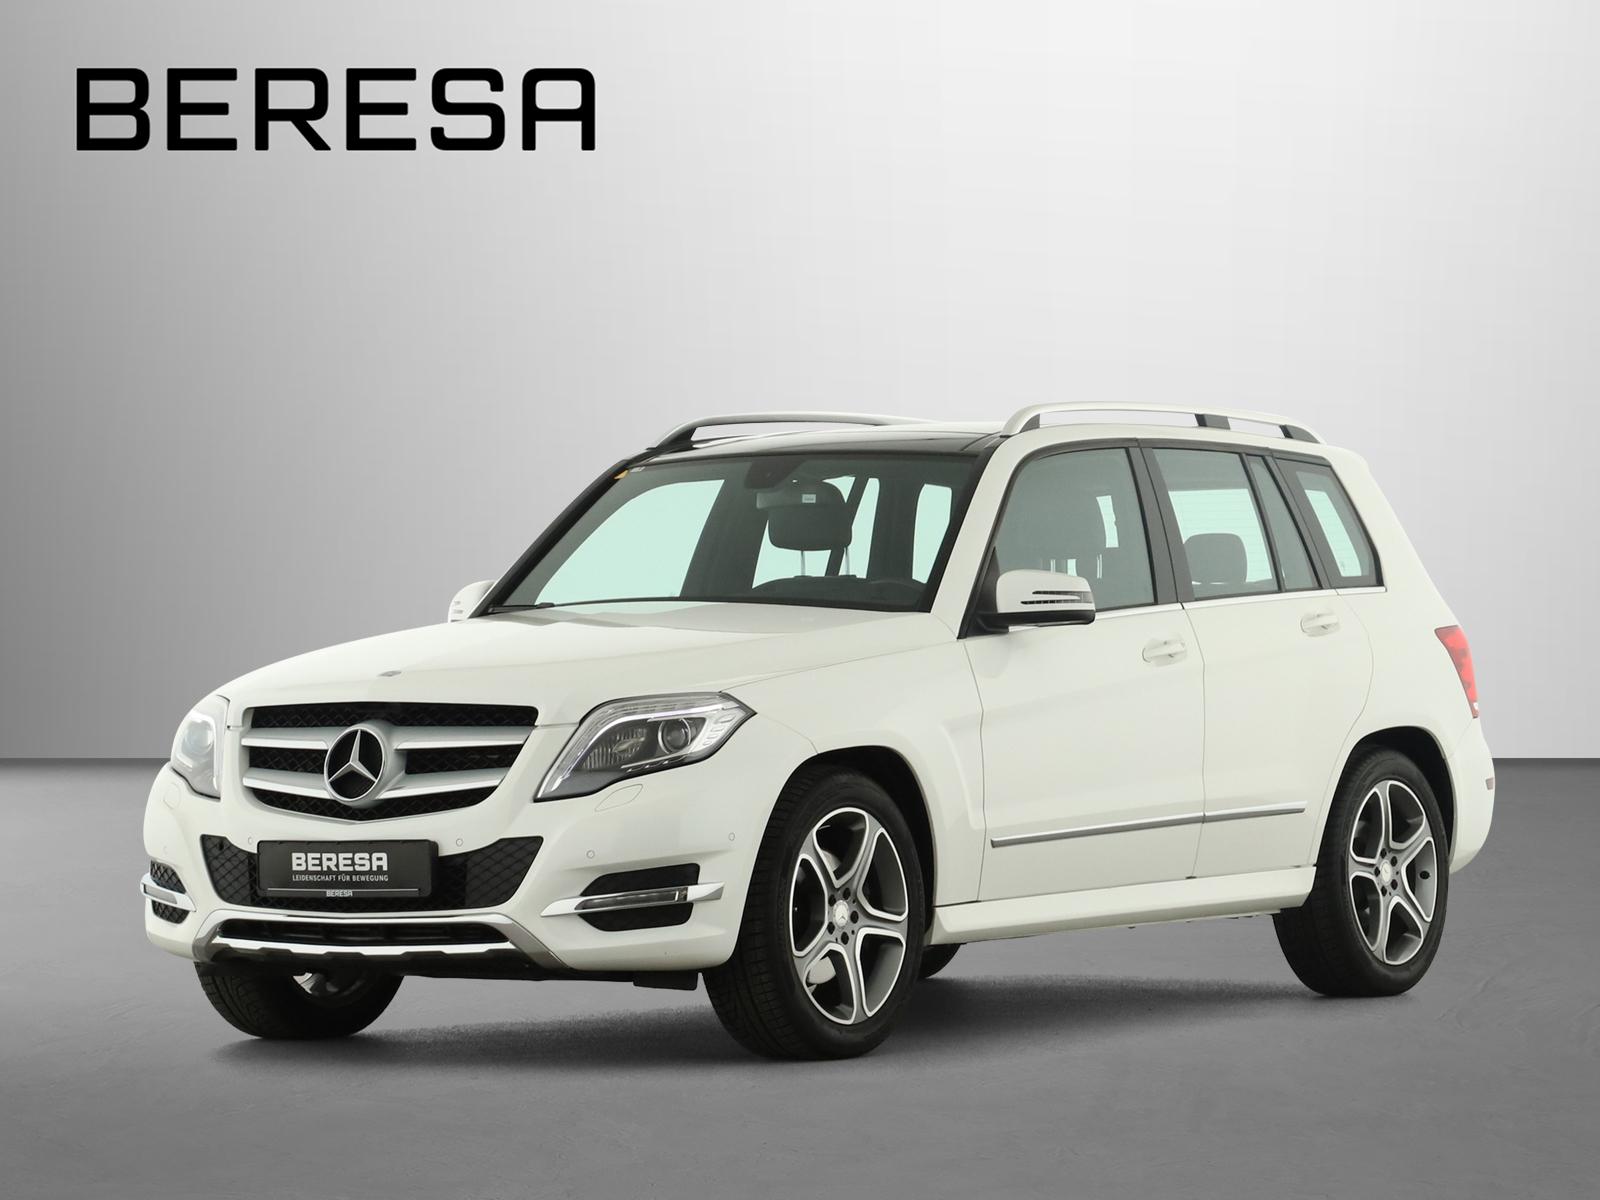 Mercedes-Benz GLK 220 CDI Pano. ILS 19 Zoll Sportpaket Innen, Jahr 2014, Diesel